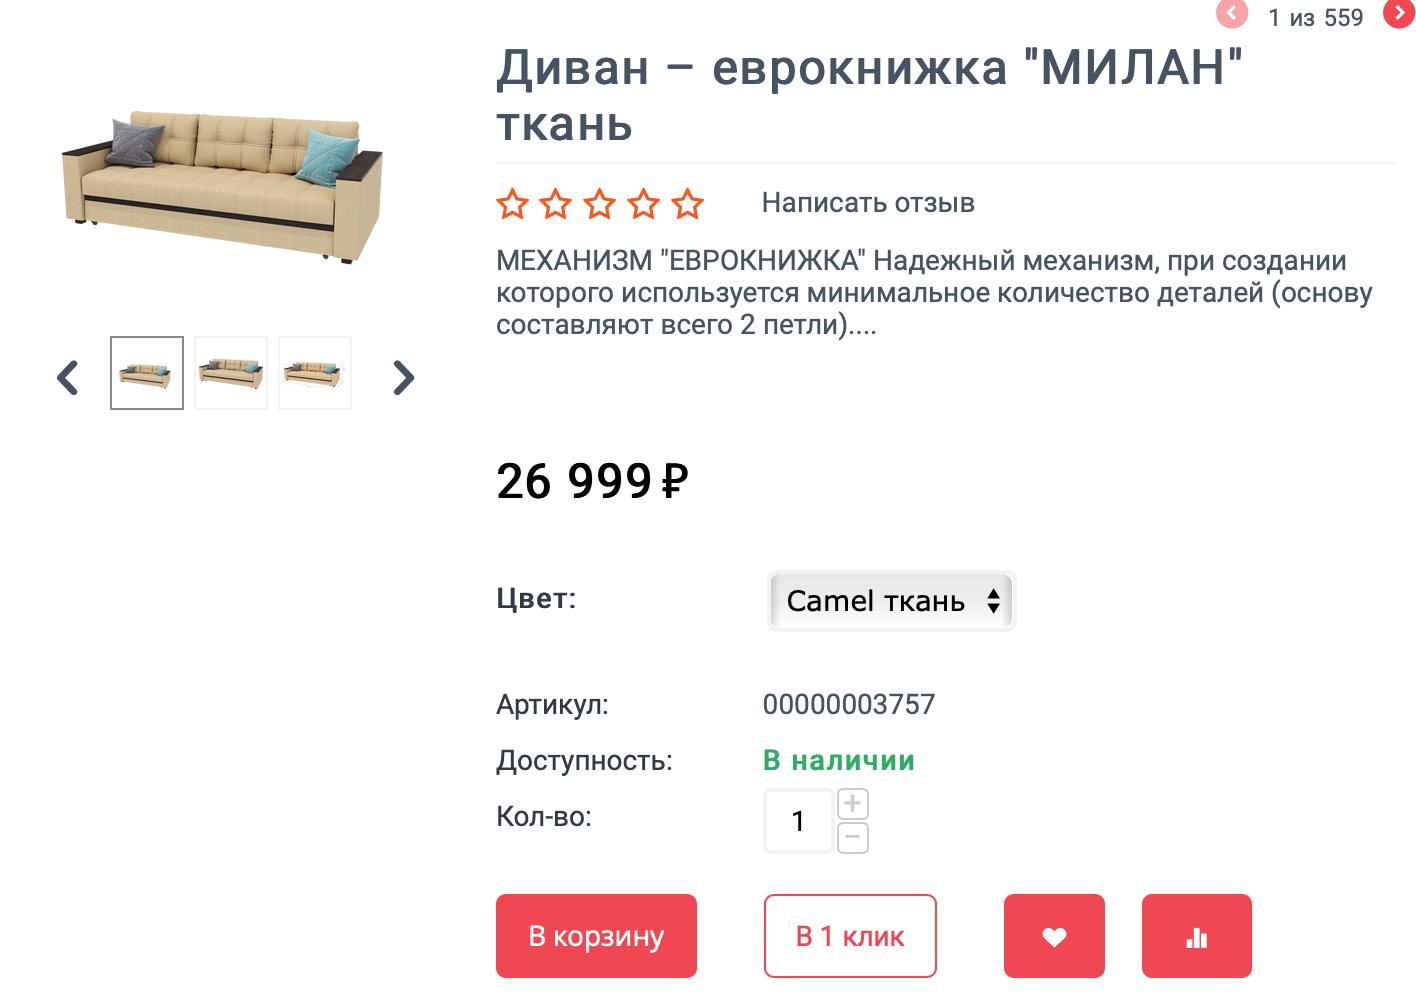 Страница продажи дивана